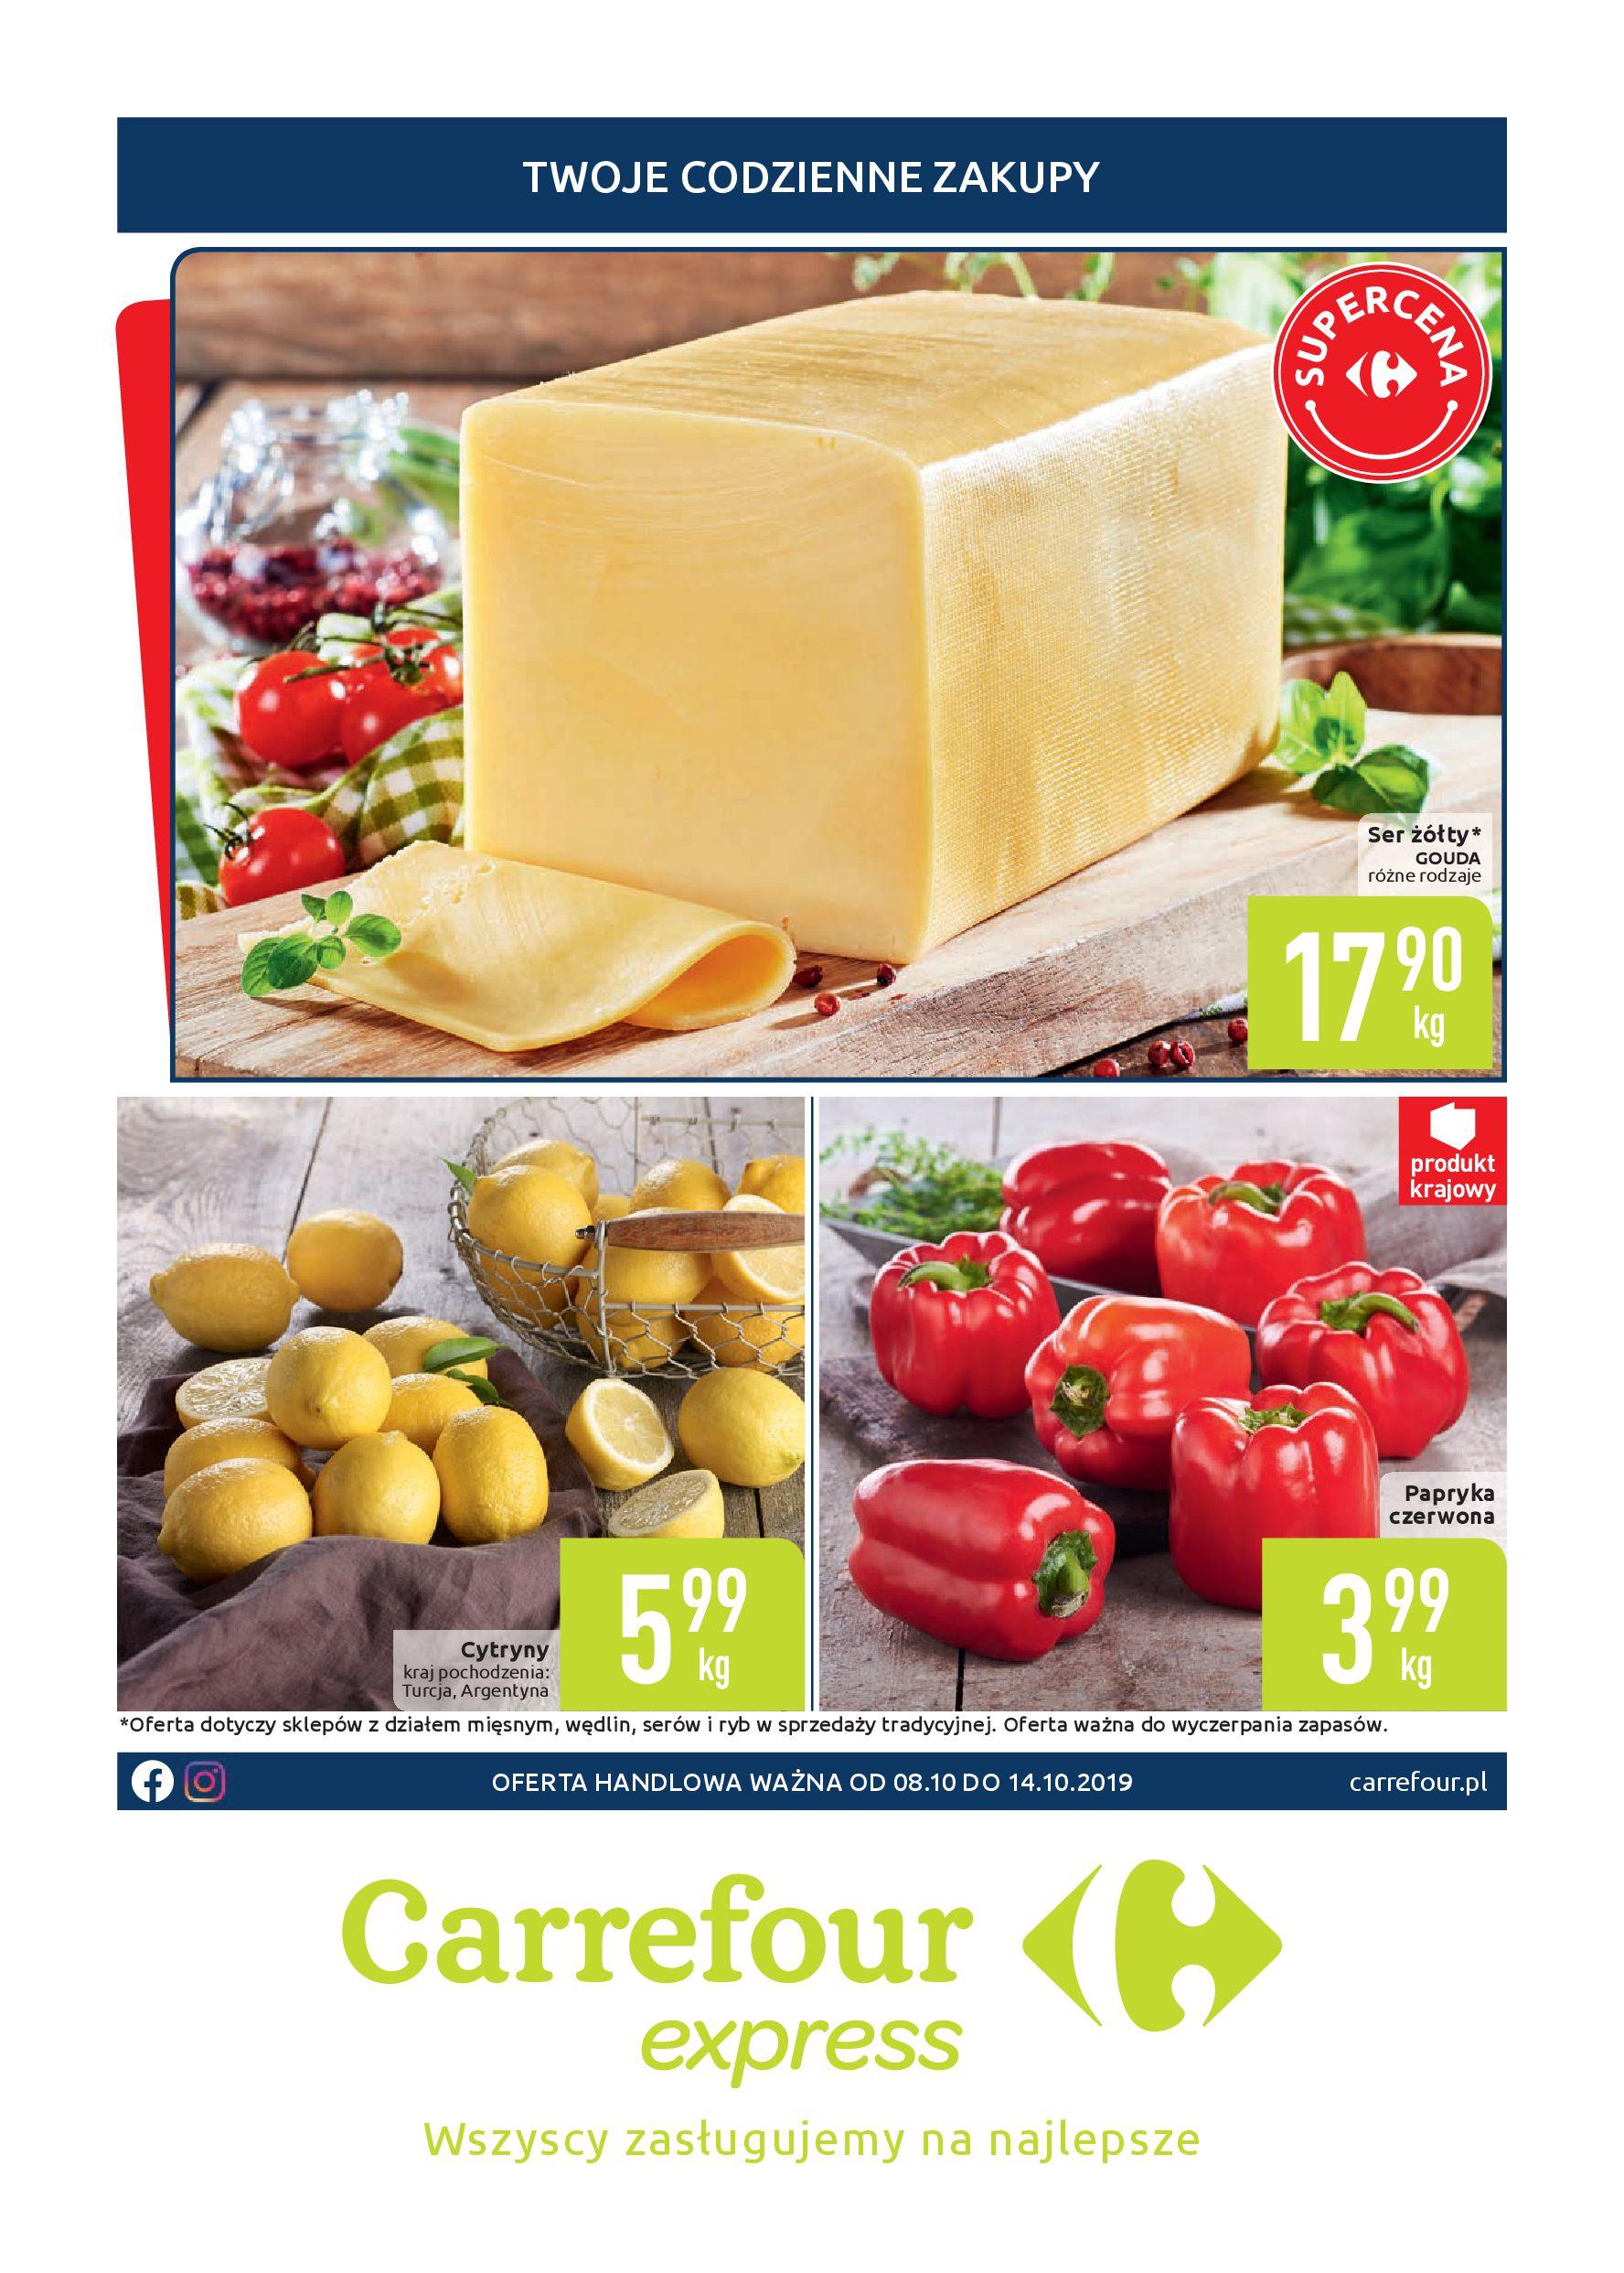 Gazetka Carrefour Express - Twoje codzinnie zakupy-07.10.2019-14.10.2019-page-